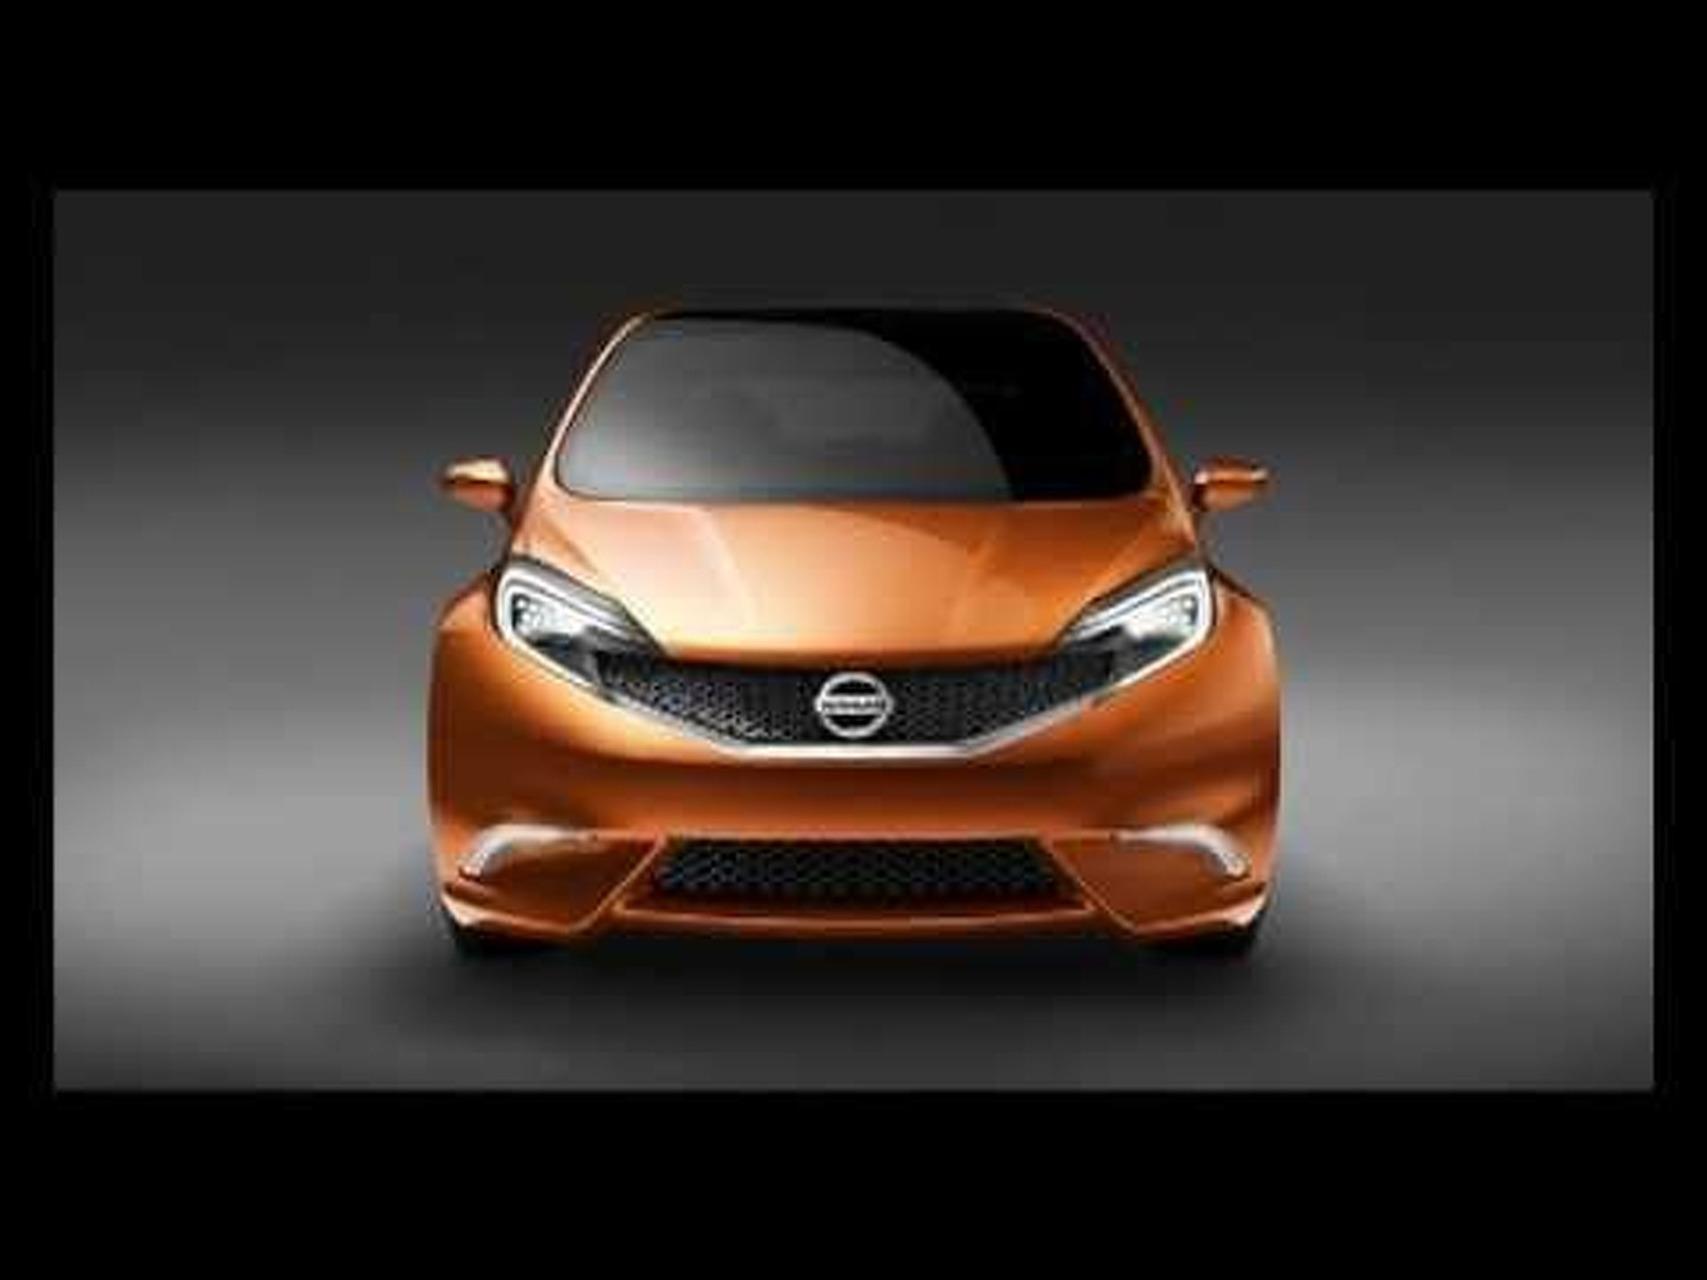 2012 Nissan Invitation Concept